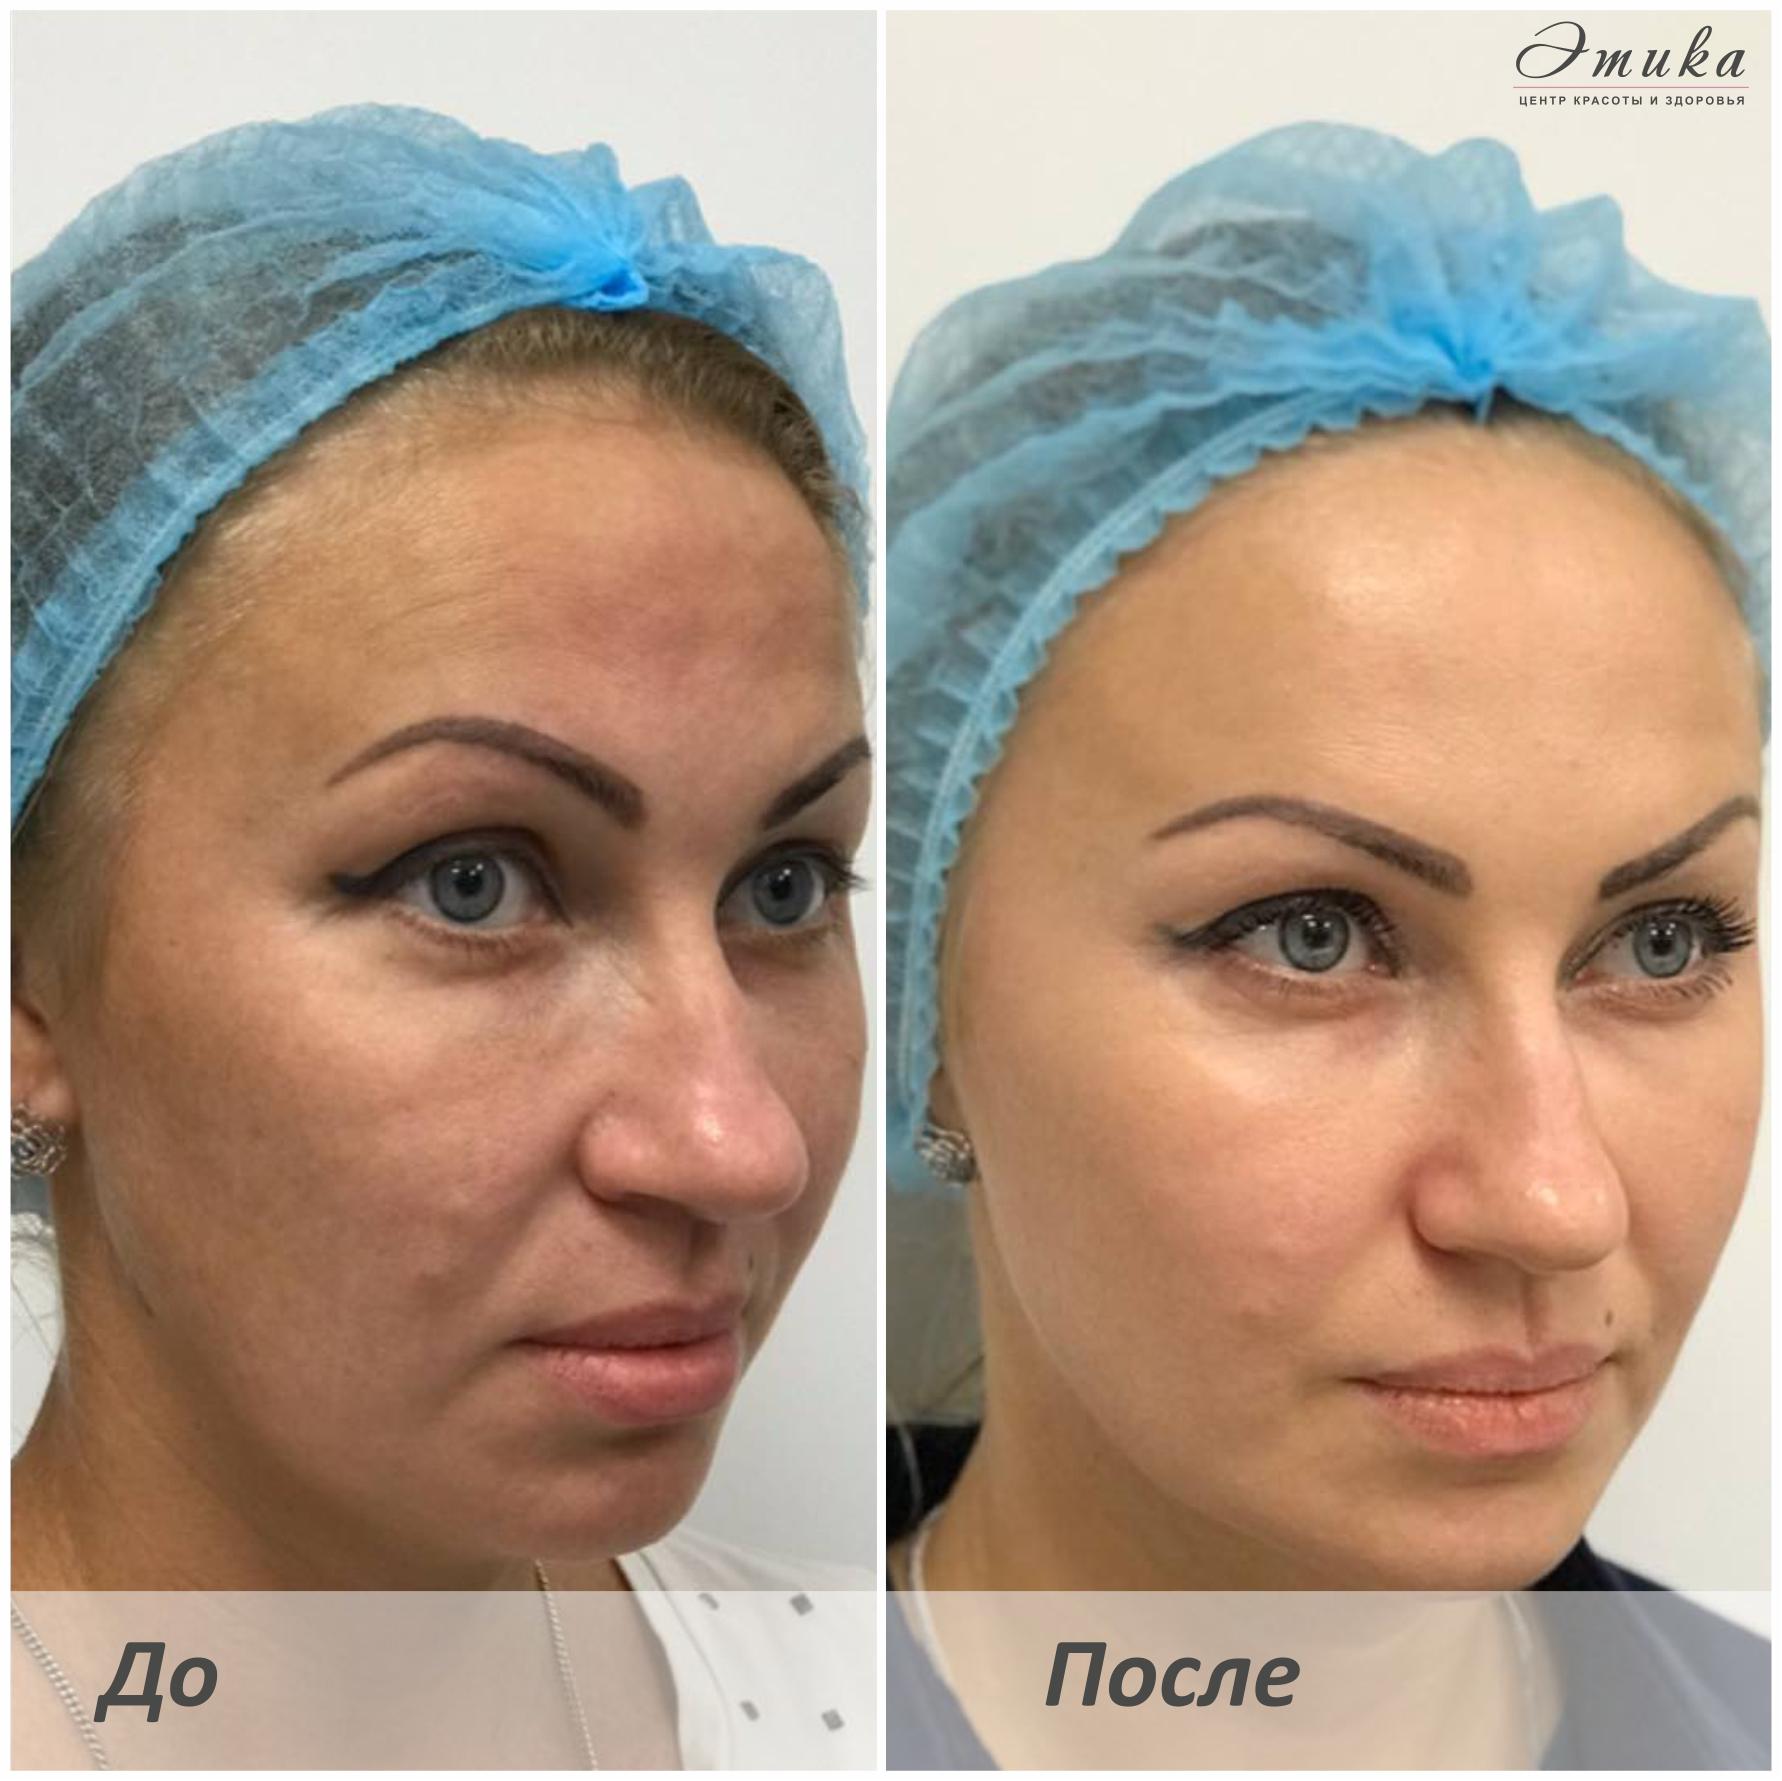 Центр красоты и здоровья «Этика» расположен в Москве